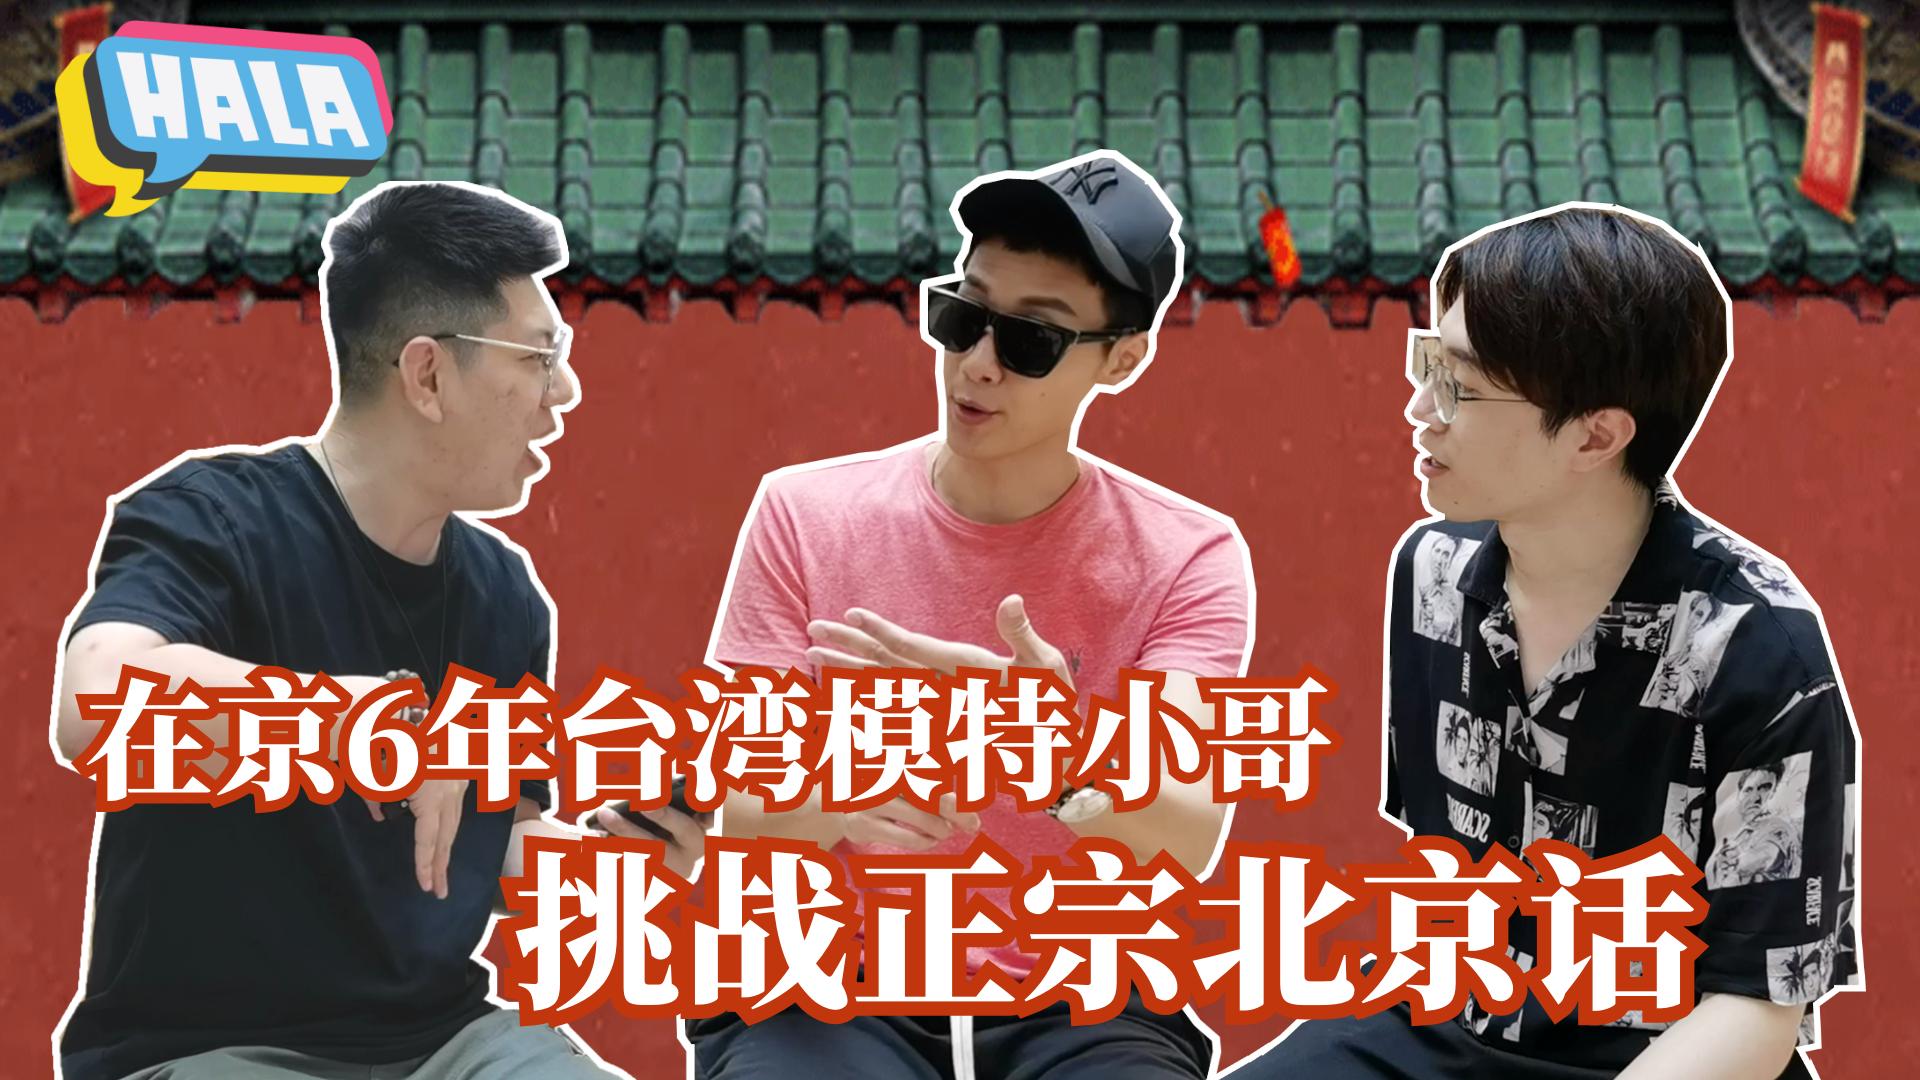 借光?溜溜缝儿?在京6年台湾模特小哥挑战北京话!图片